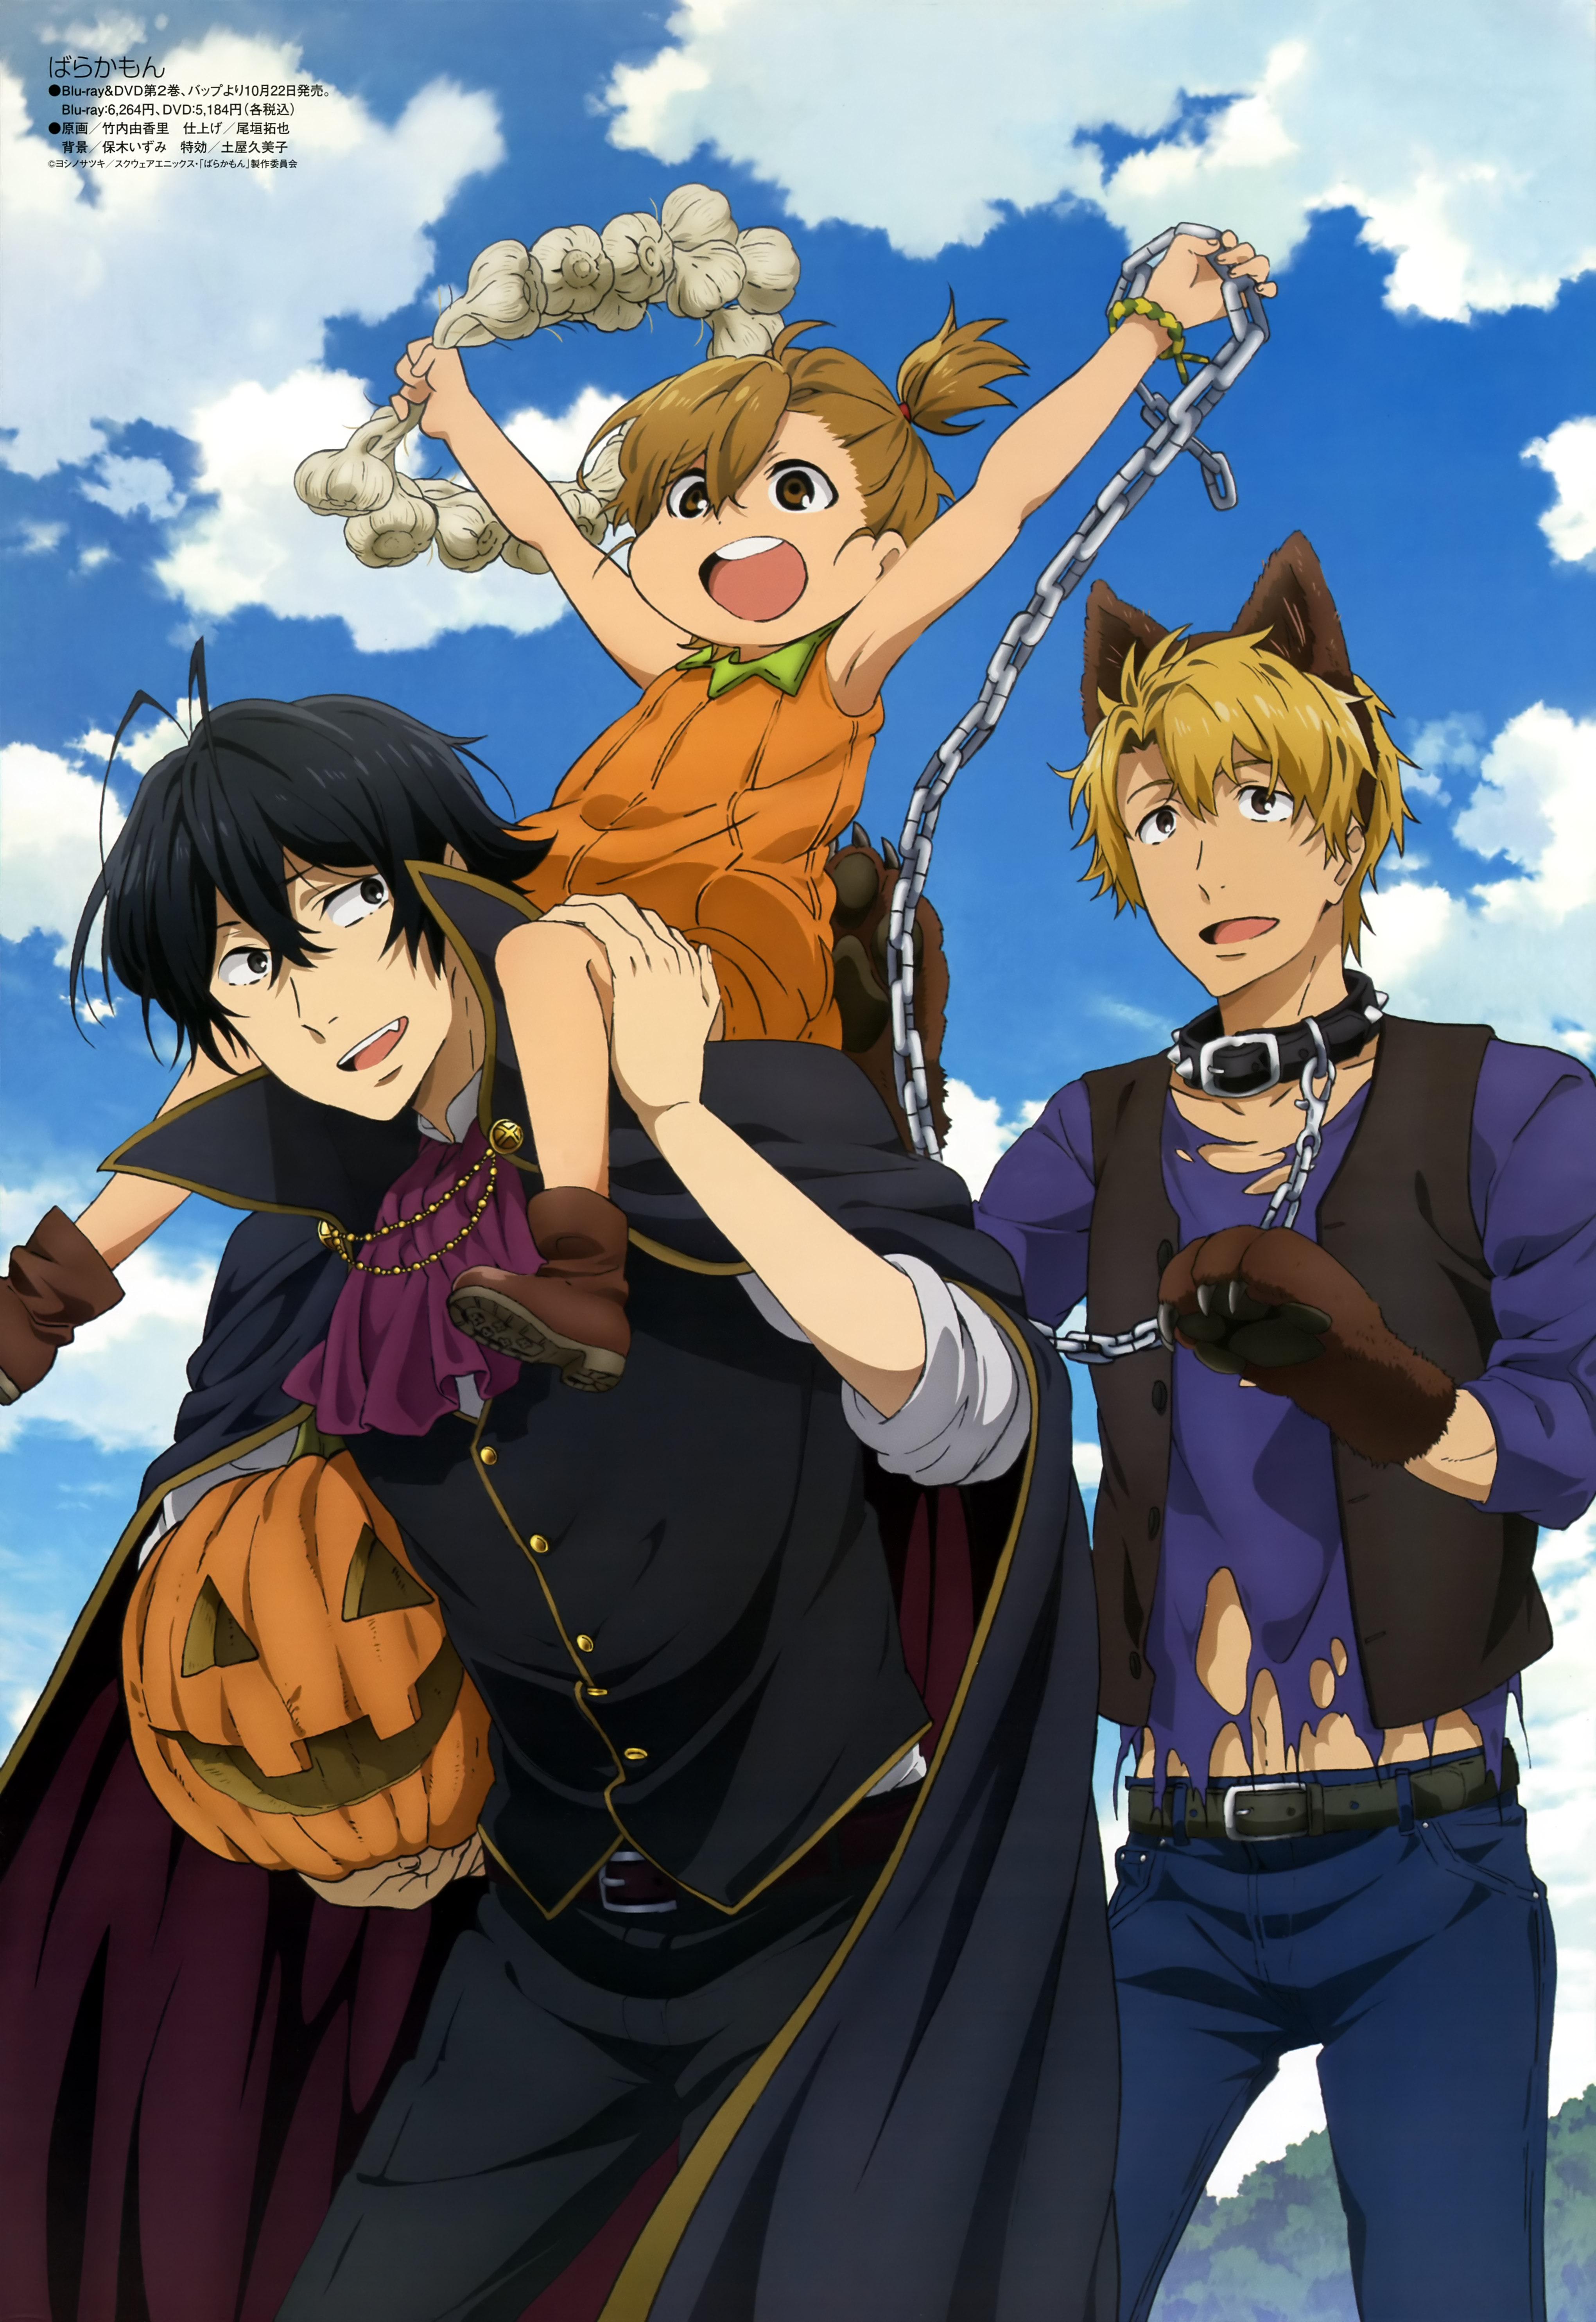 Haruhichan.com Animedia November 2014 posters barakamon halloween handa_seishuu kotoishi_naru takeuchi_yukari